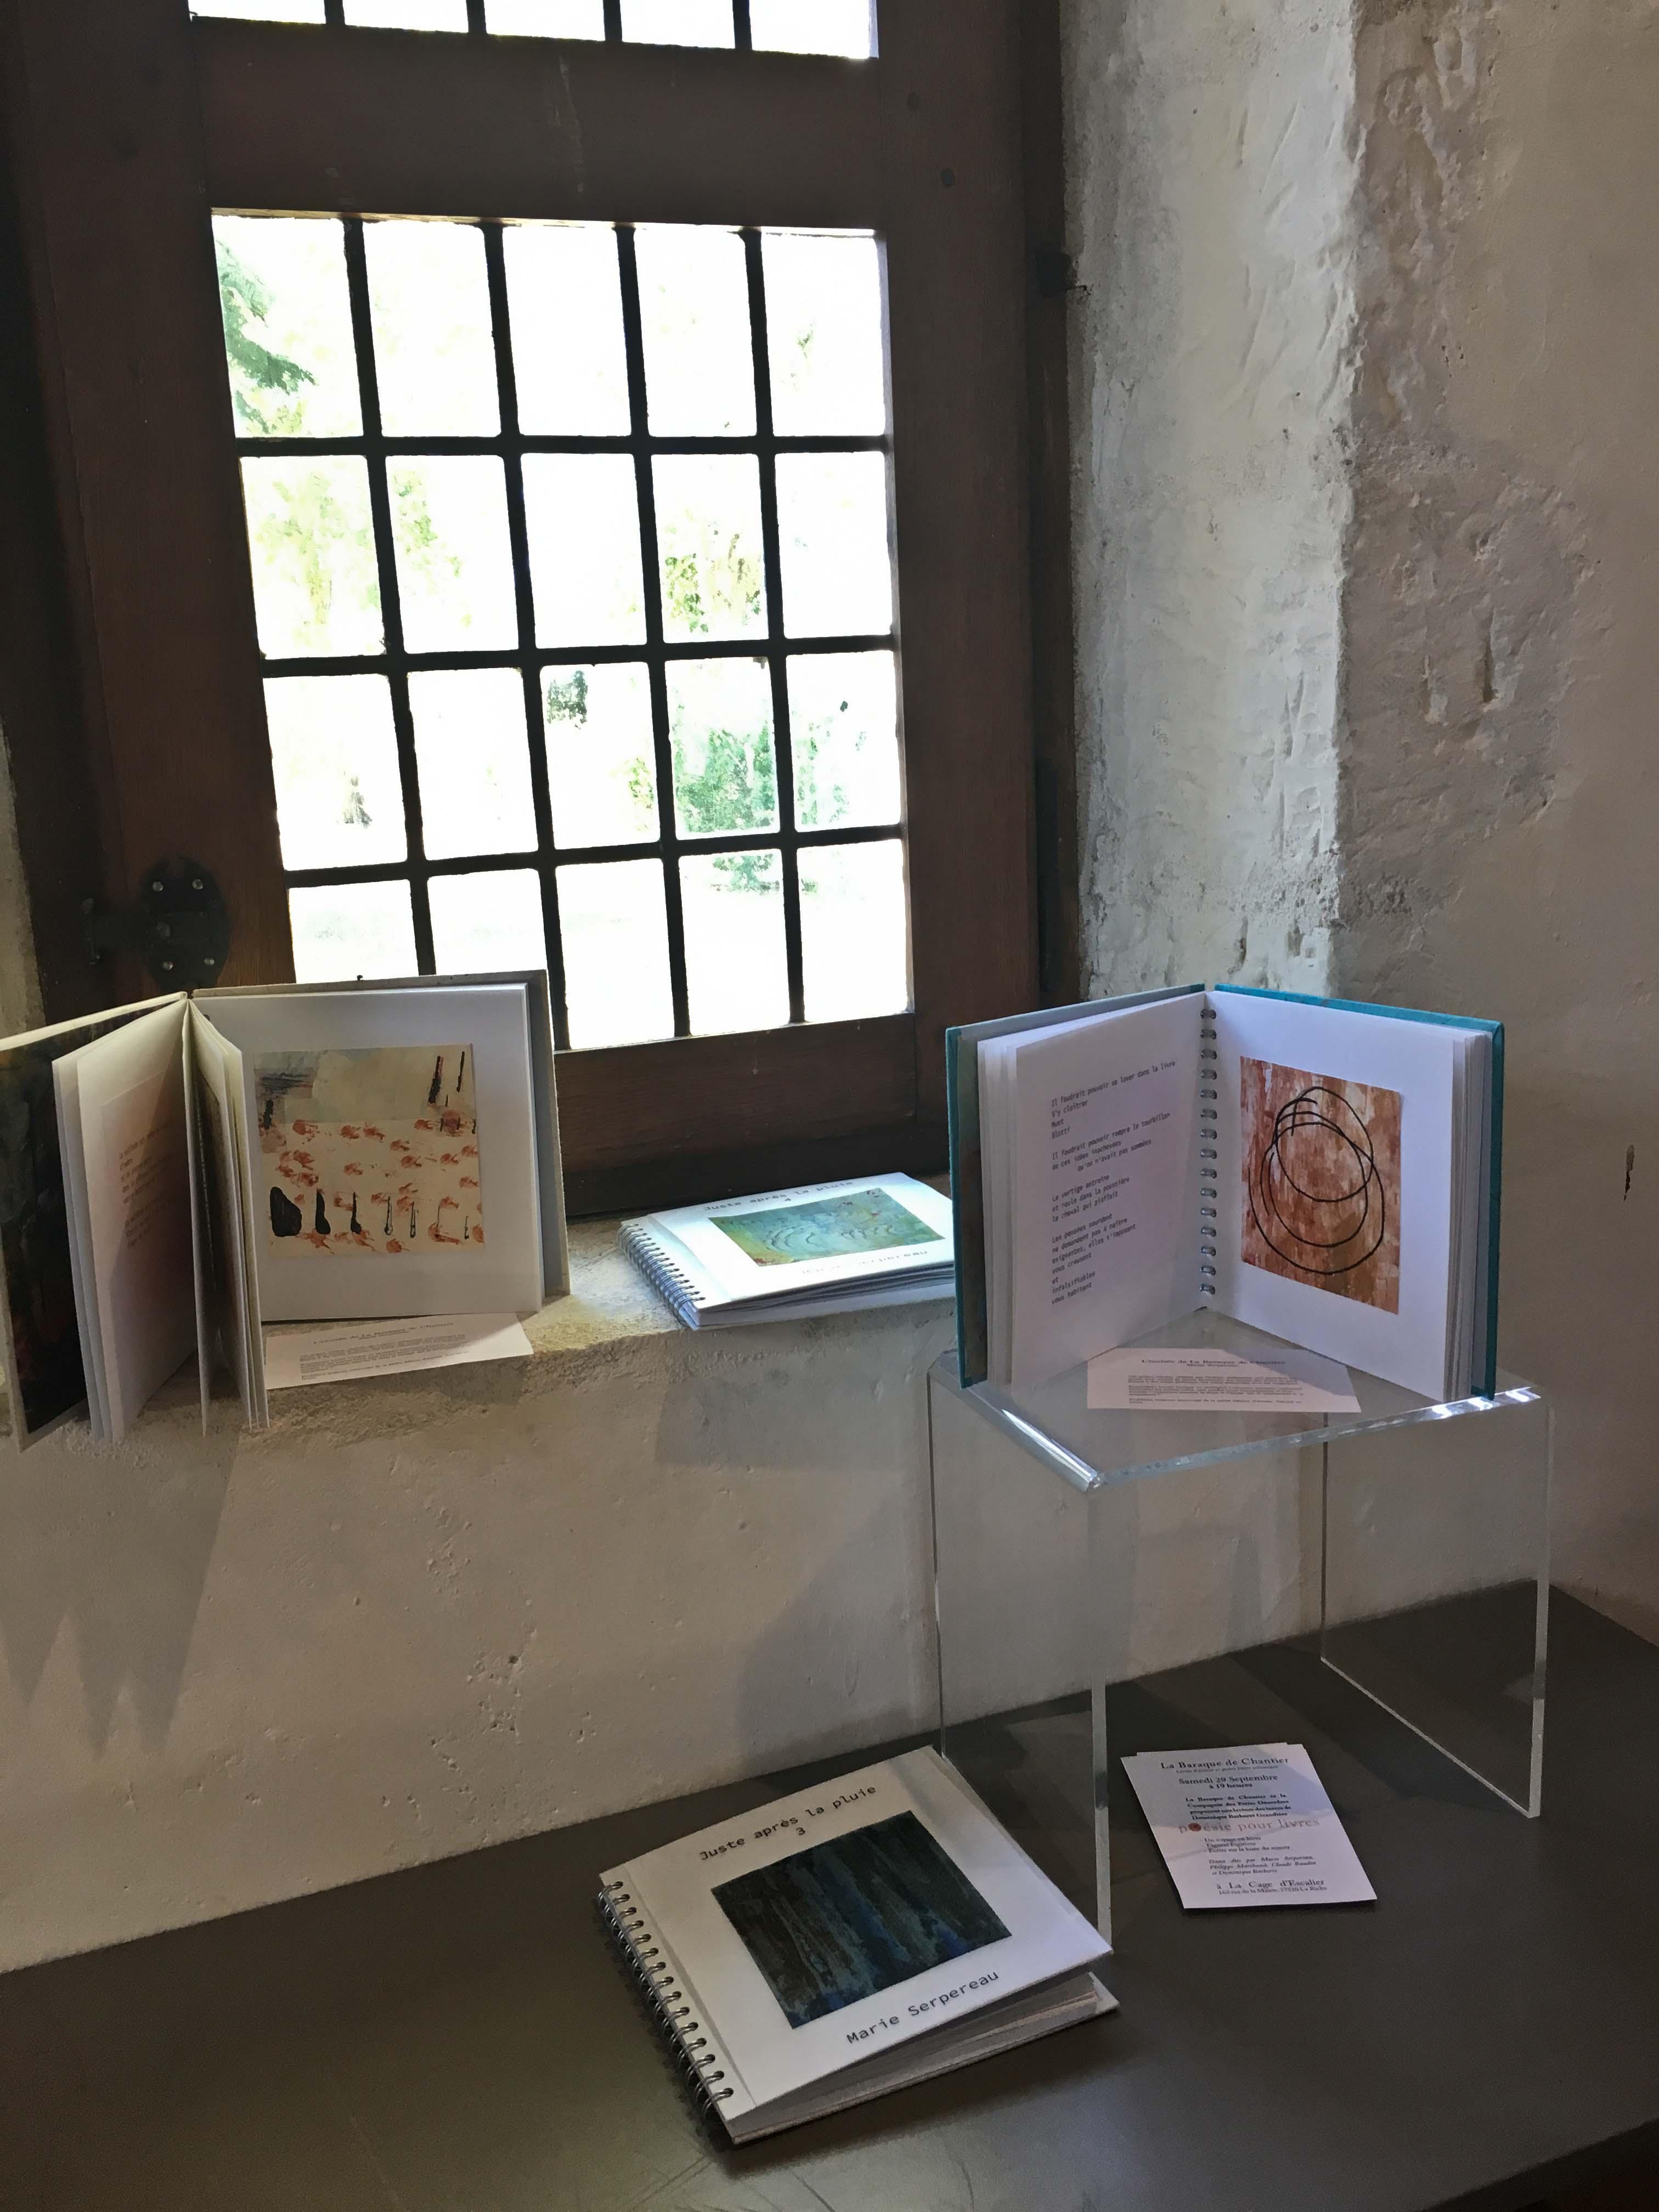 photos de l'exposition de livres